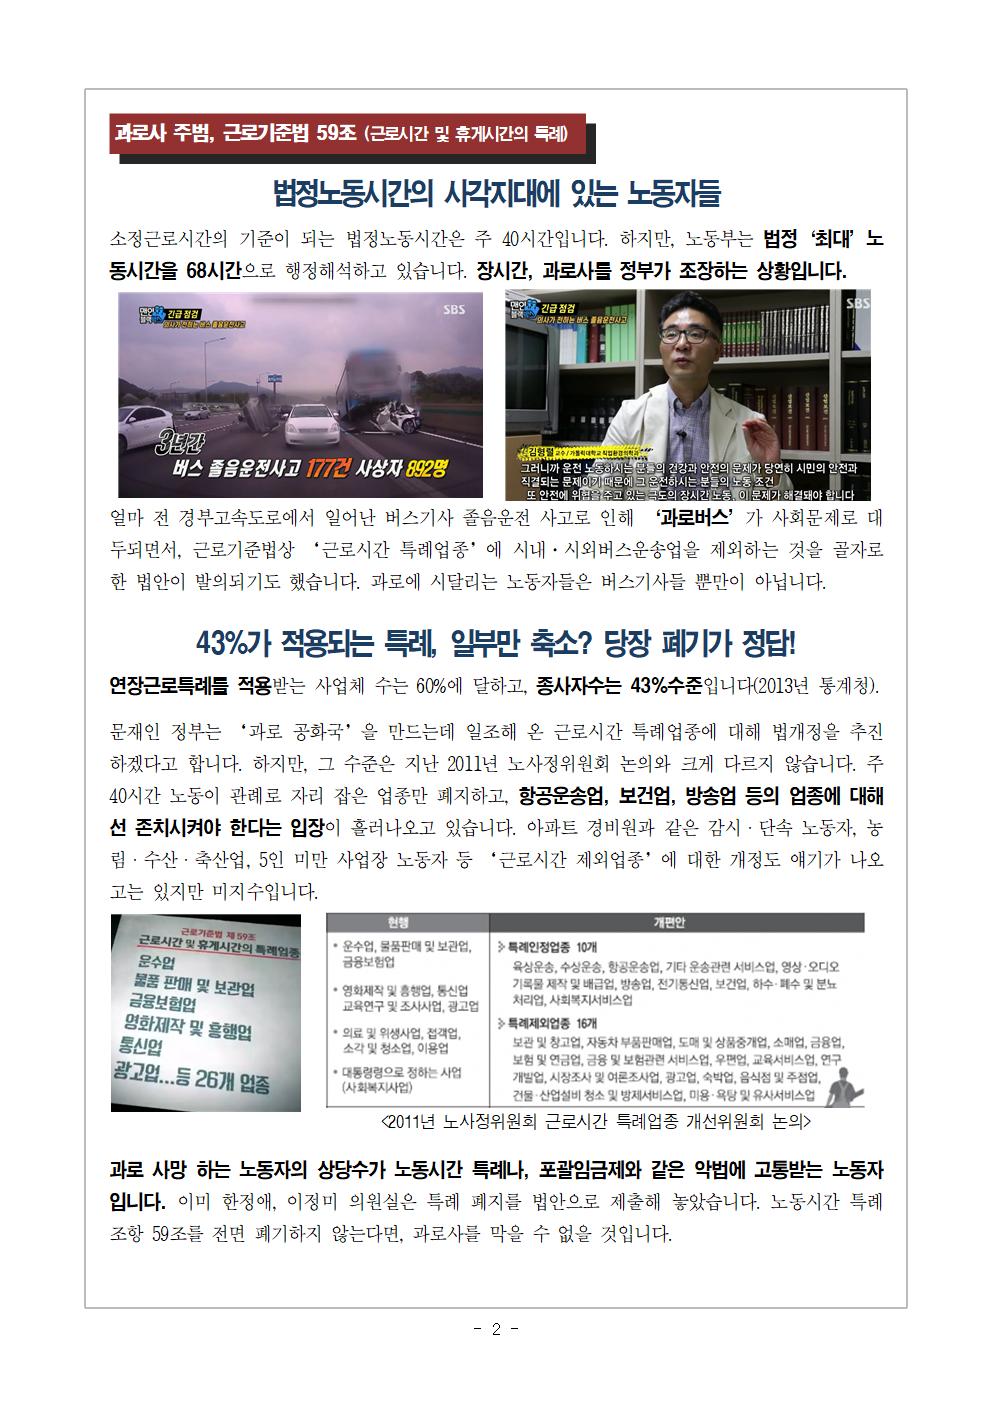 [2017교육지-7] 근기법 59조 폐기002.png